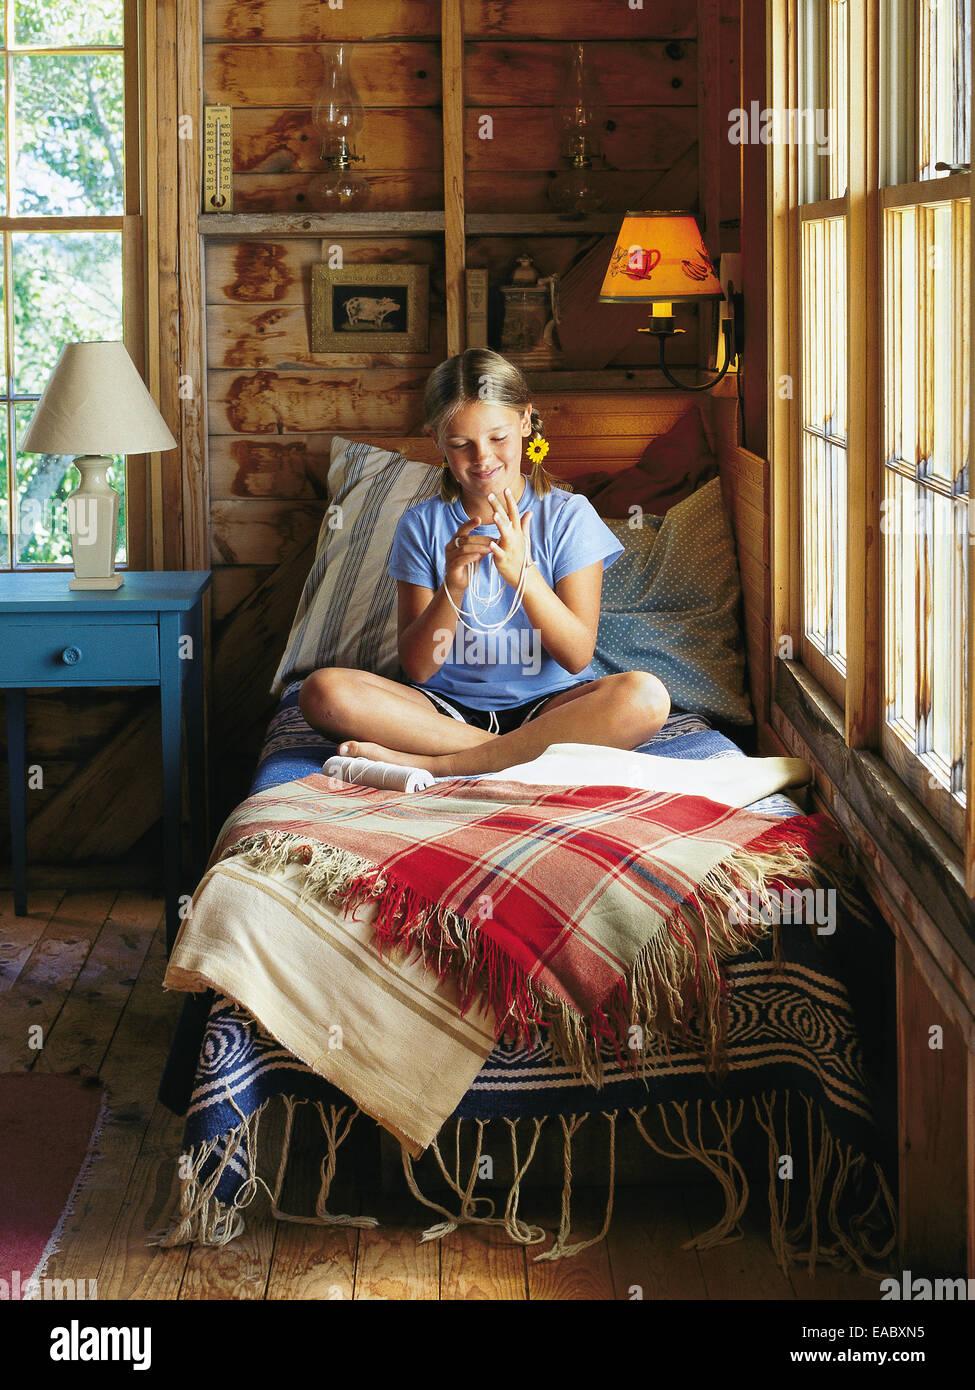 Chica en la cama haciendo castcradle cabaña en el país Imagen De Stock